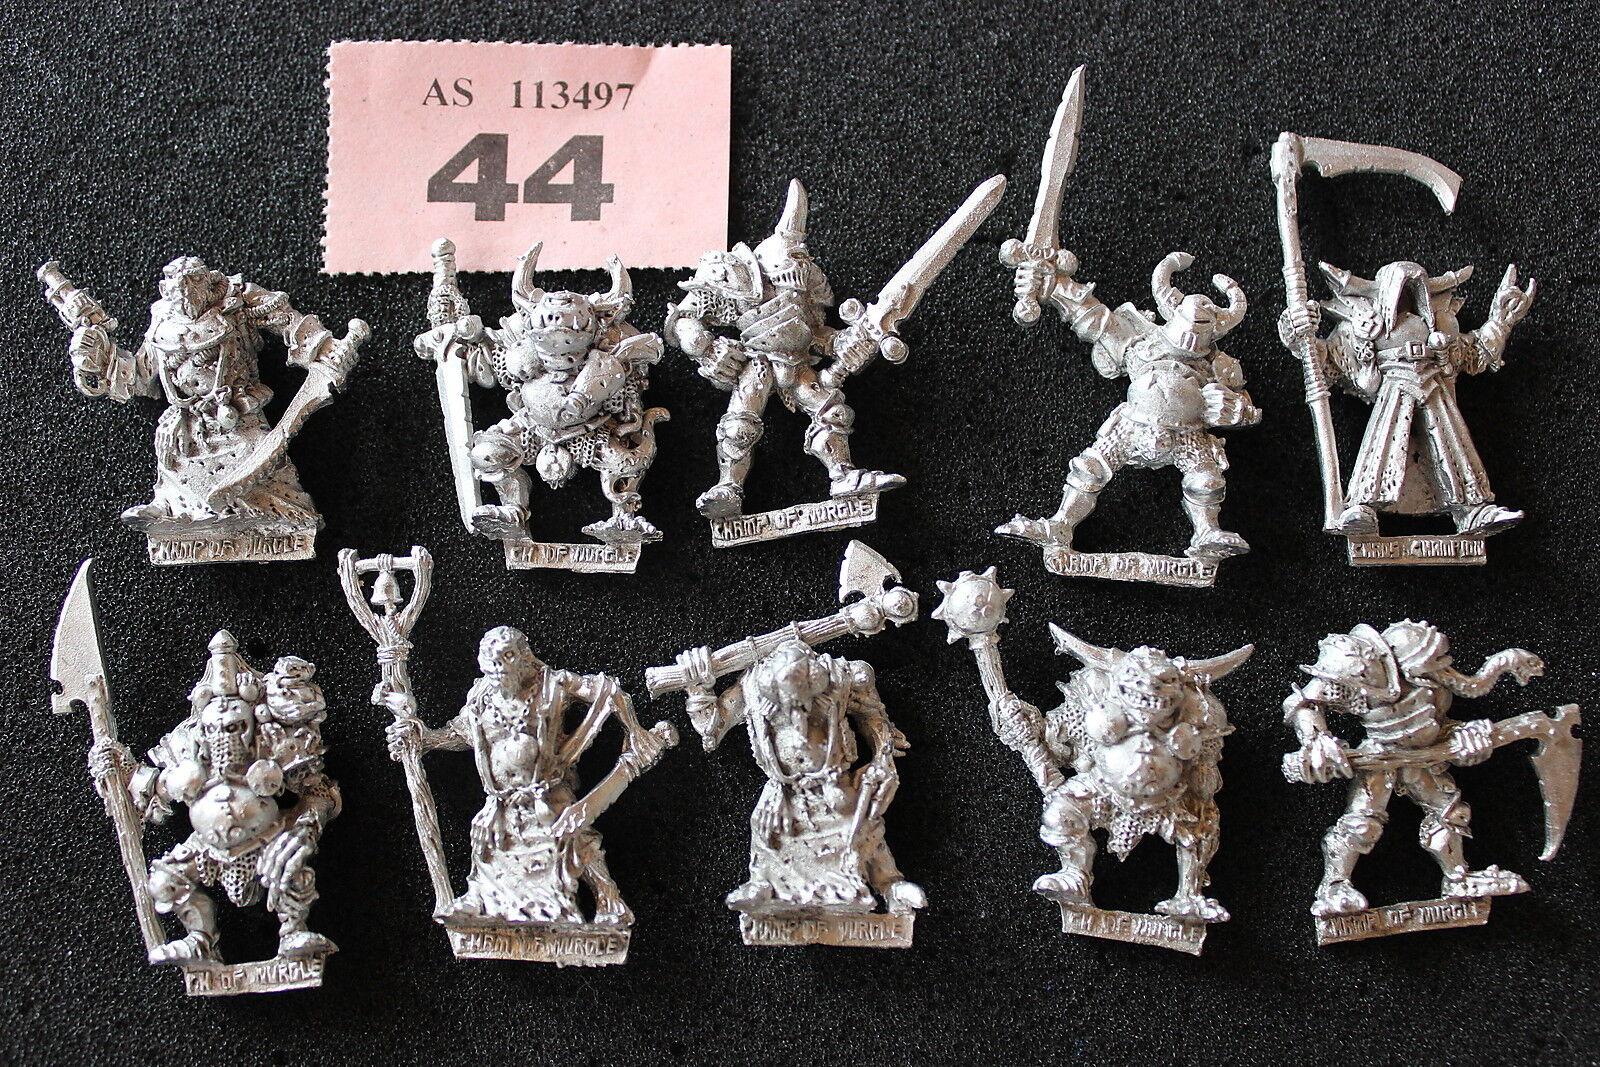 Spel Workshop Warhammer Chaos Champions of Nurgle x10 Metal Heralds Army OOP